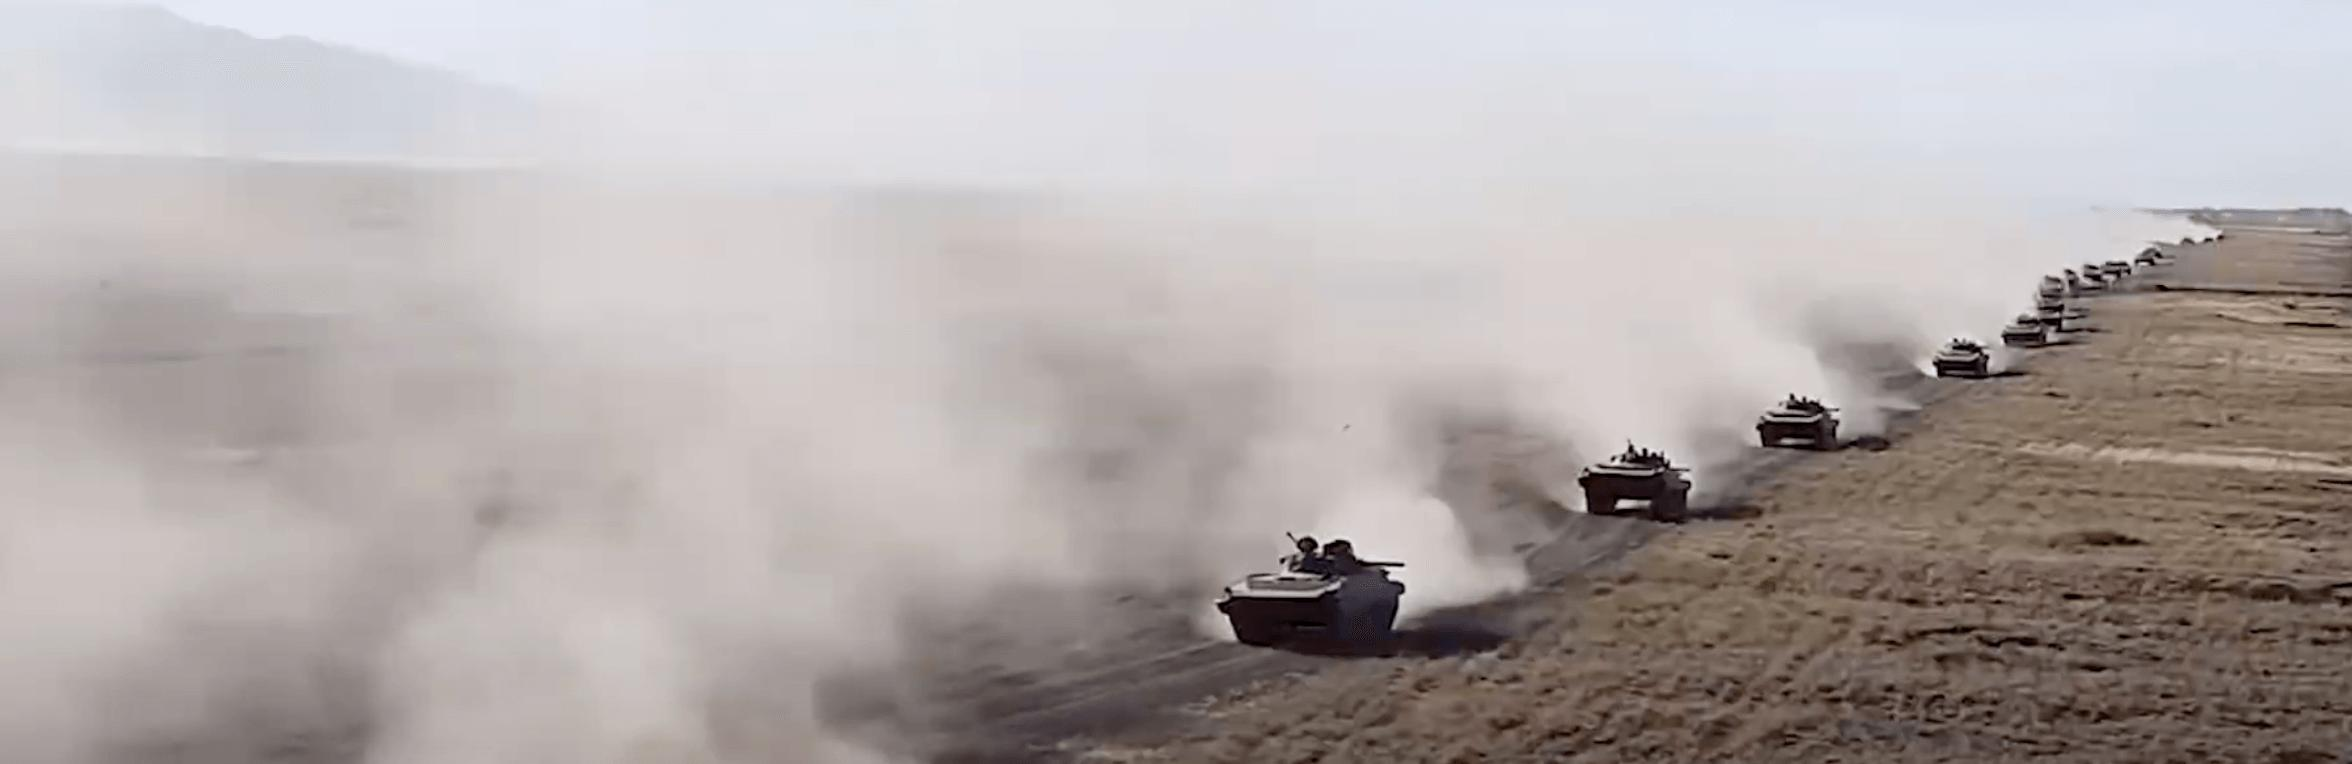 Масштабные военные учения прошли в Казахстане: видео